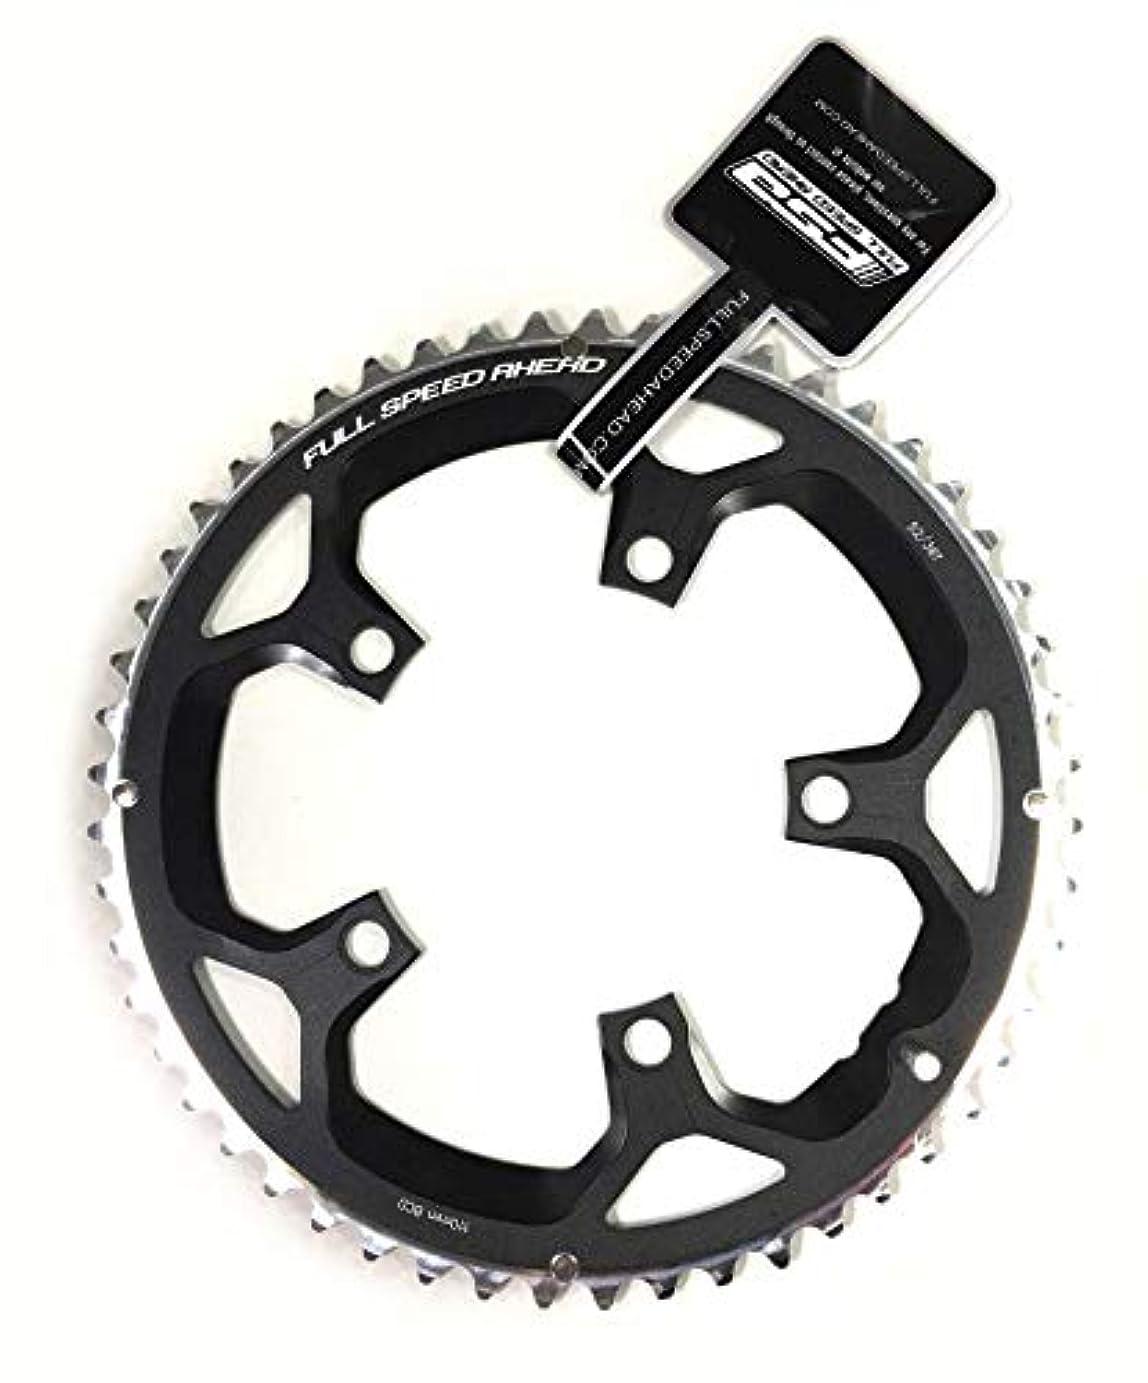 パプアニューギニア観客野菜自転車 部品 パーツ クランク チェーンリング CR RD PRO black 110x52T N11 WA047